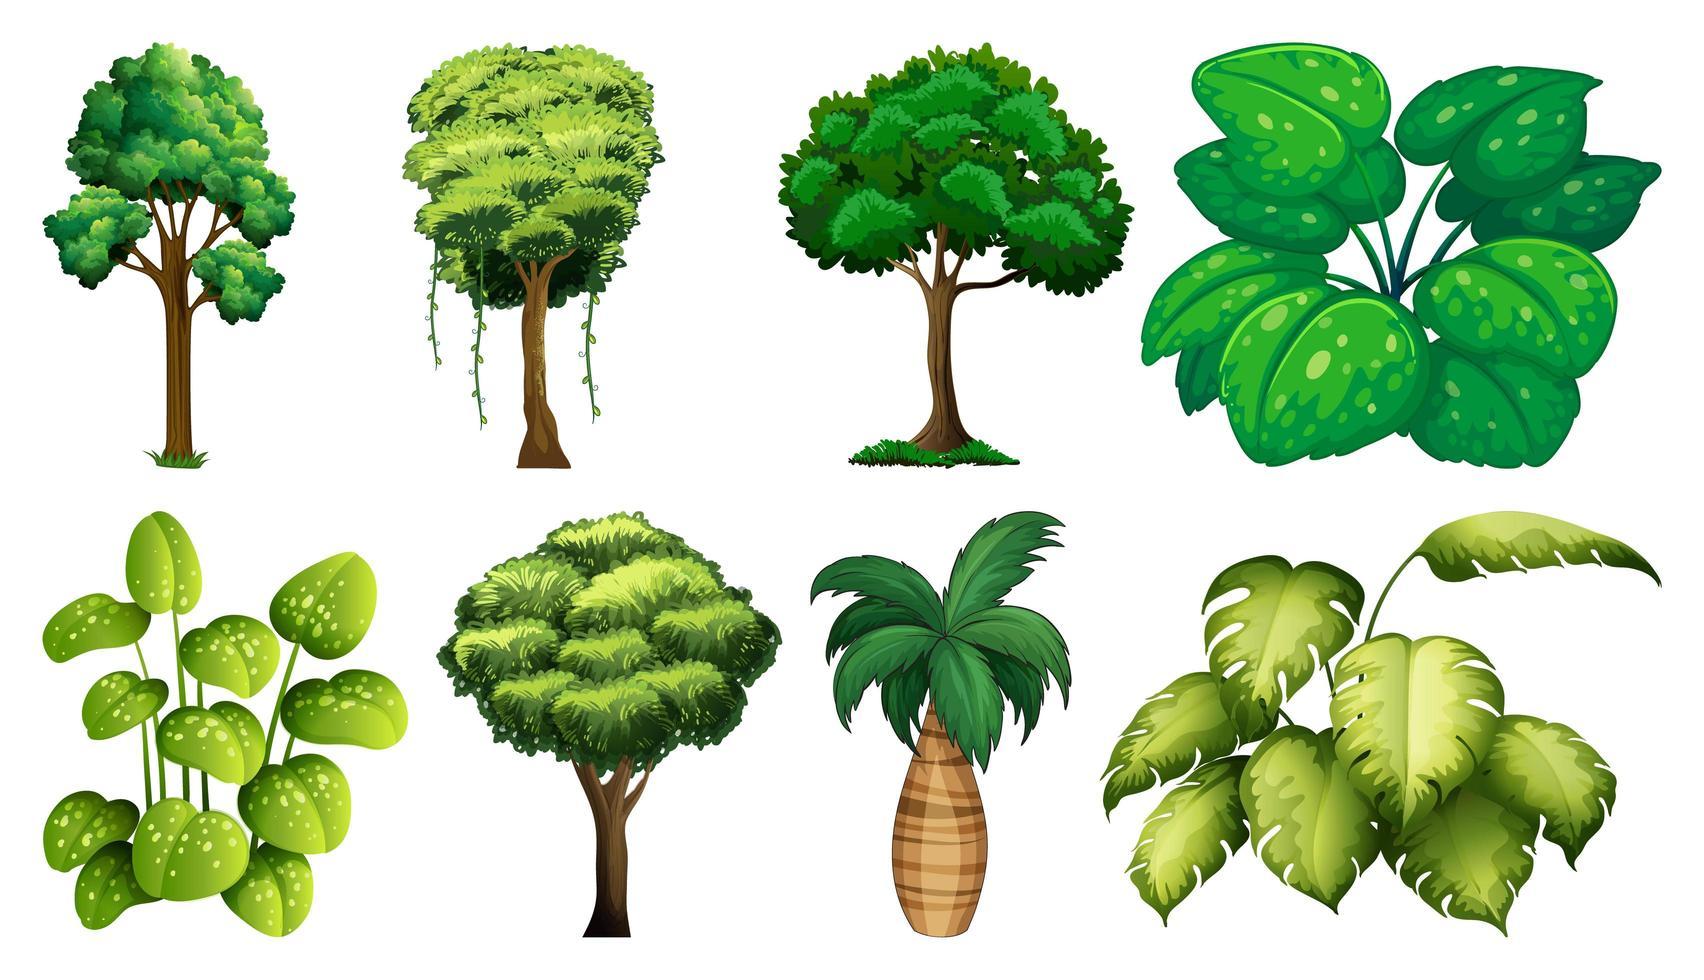 Satz von Pflanzen und Bäumen vektor